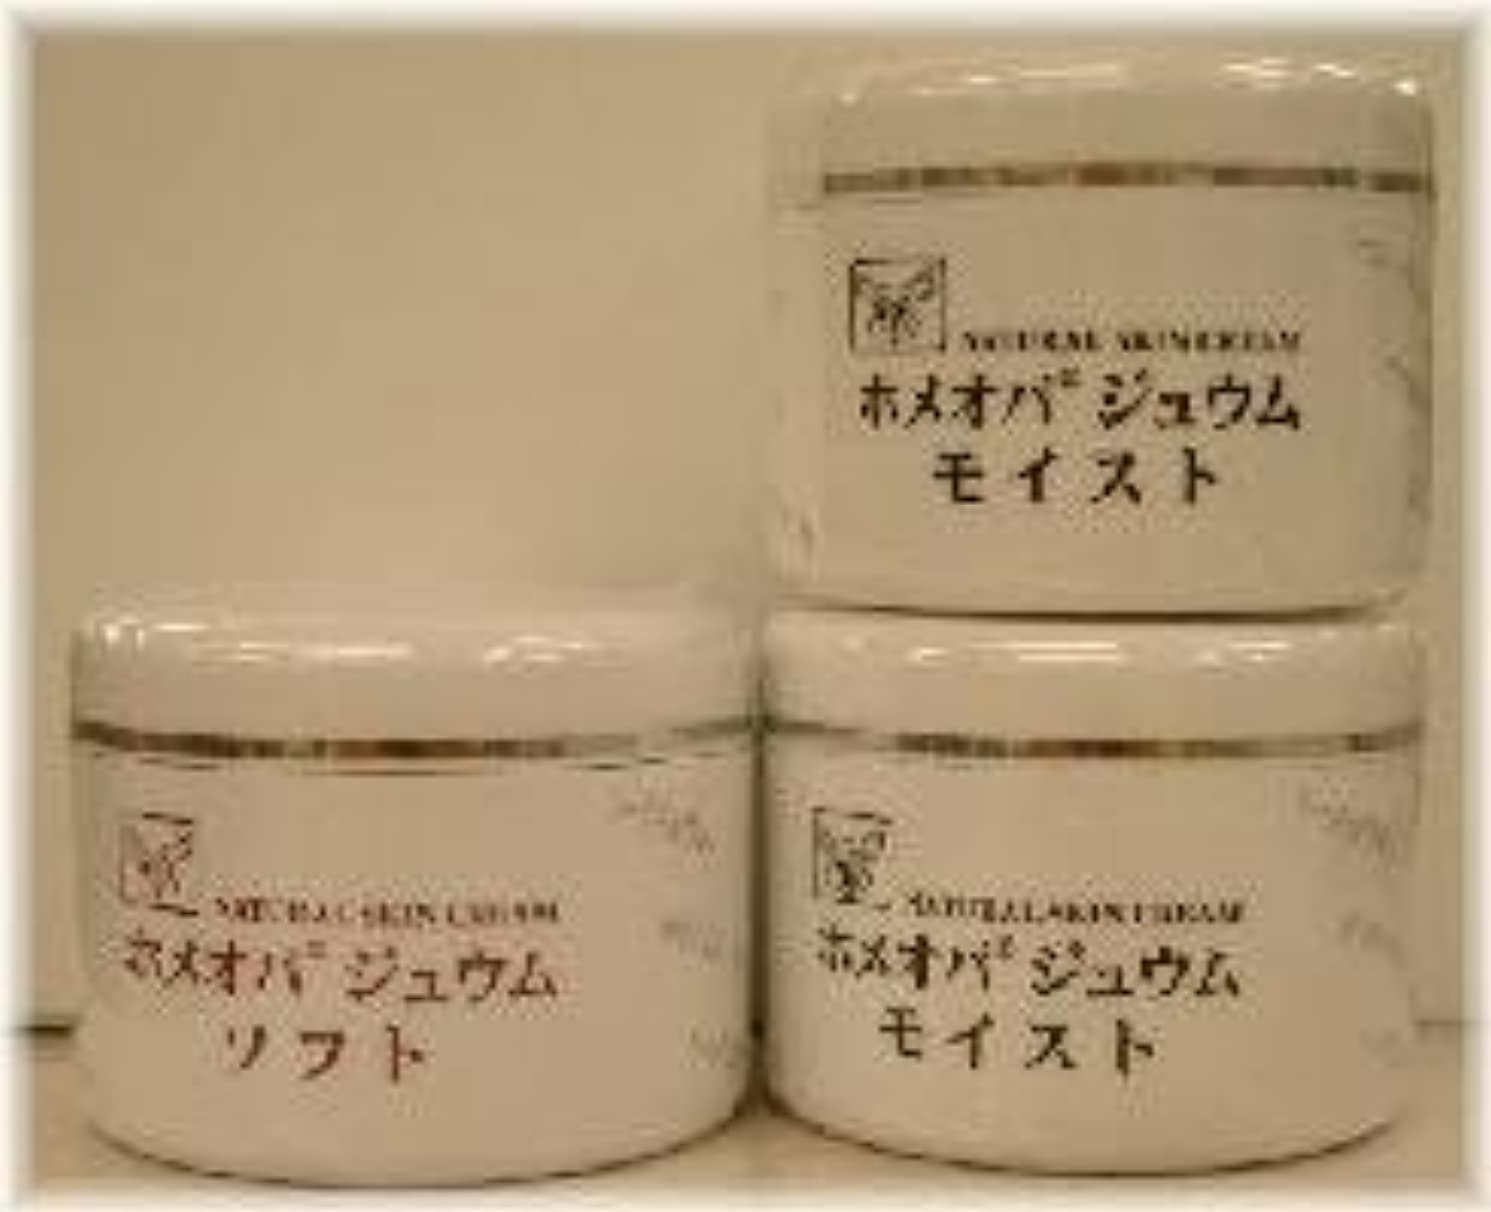 る餌極貧ホメオパジュウム スキンケア商品3点 ¥10500クリームモイスト2個+クリームソフト